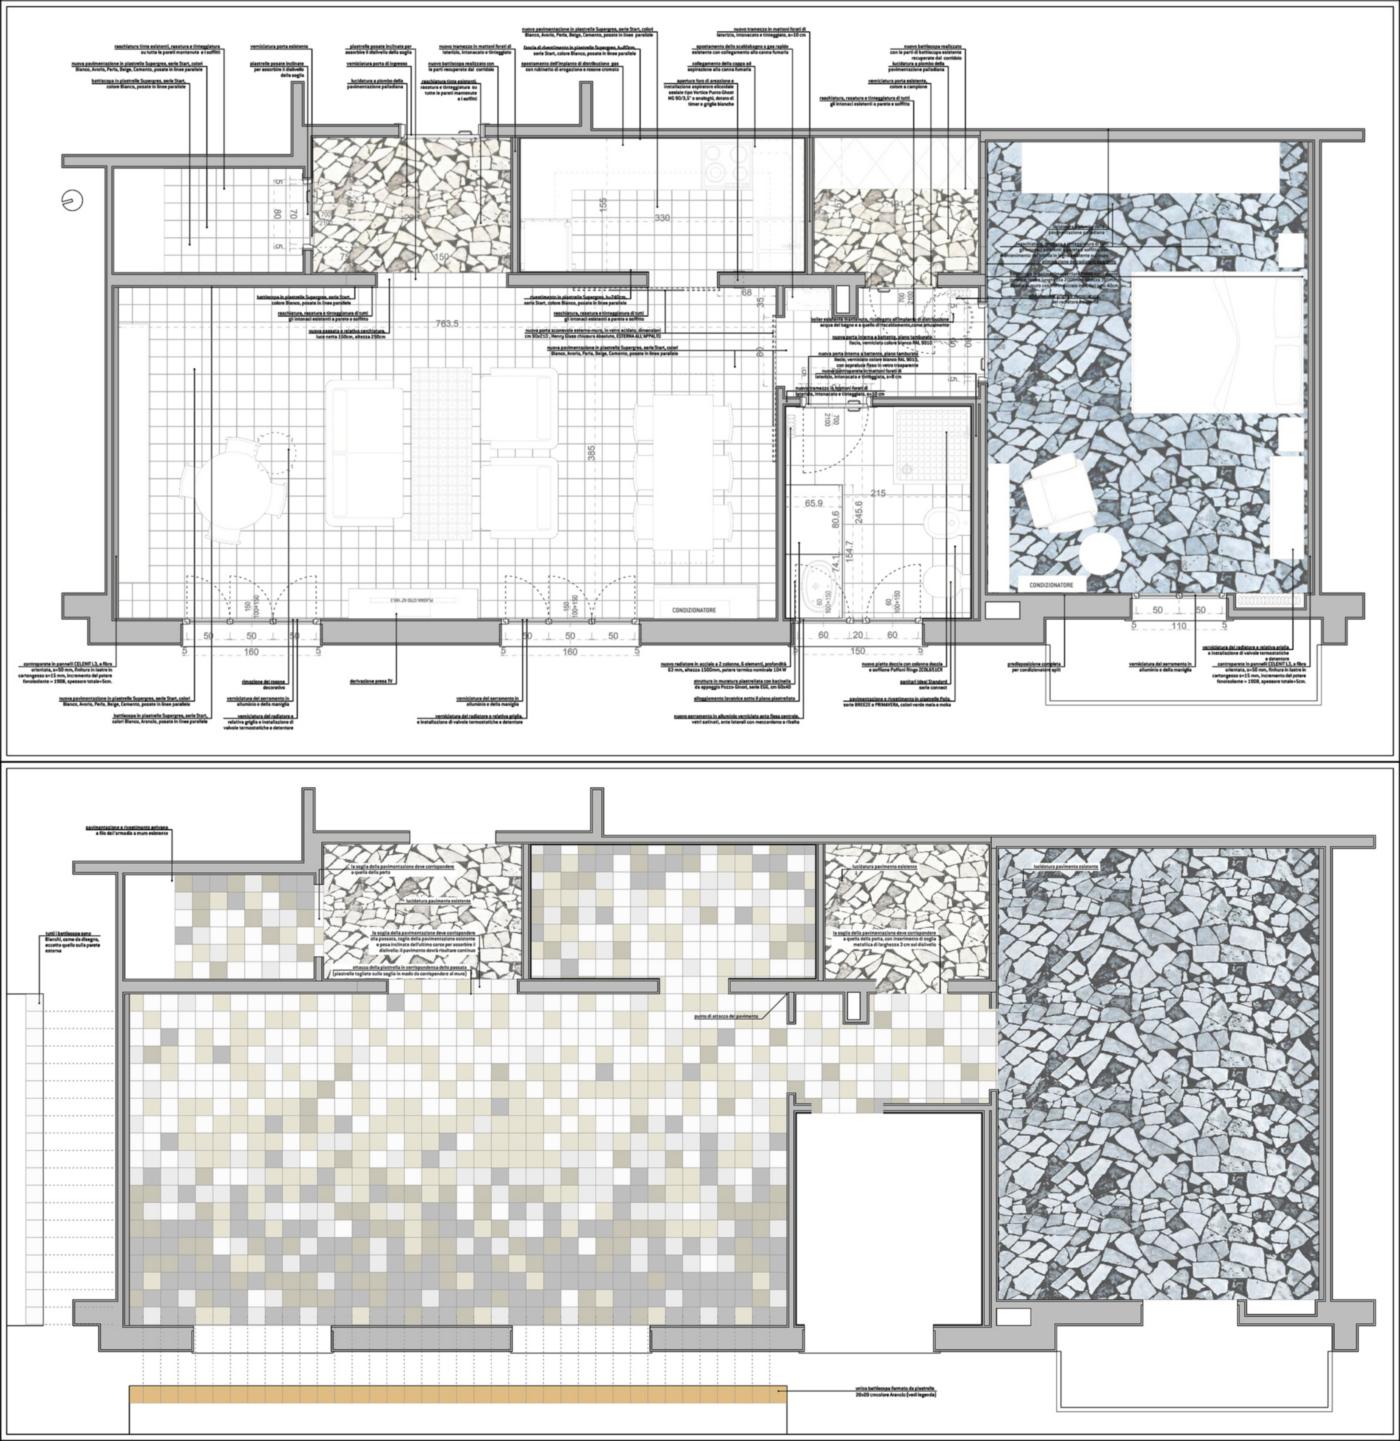 Una ristrutturazione a basso budget che rivoluziona spazi e percezione. Il progetto di ristrutturazione | Bottega di Architettura